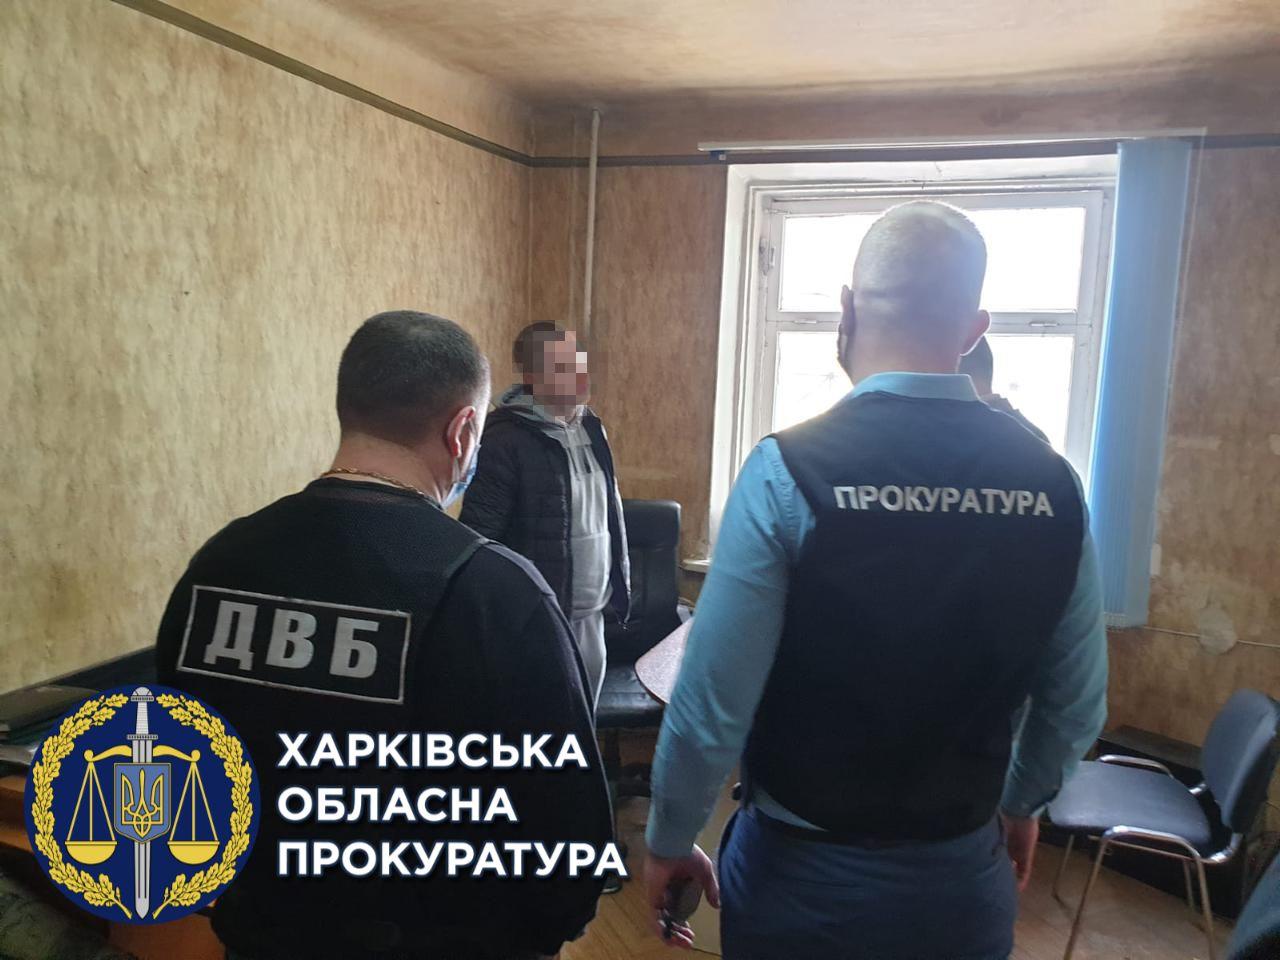 В Харькове полицейских подозревают в незаконном удержании и избиении семейной пары (фото)